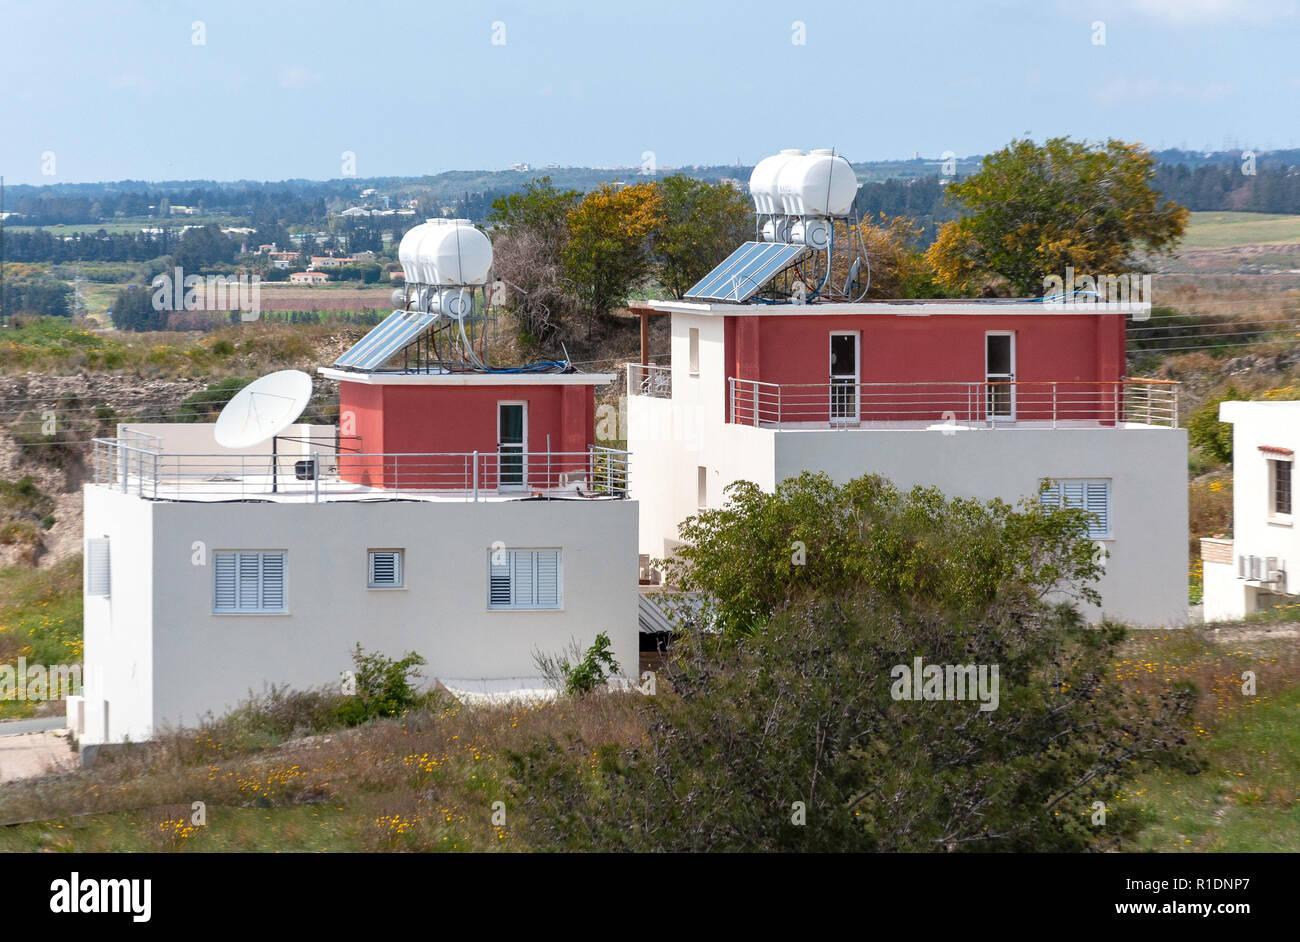 Nuevas casas con paneles solares y tanques de agua, Kouklia, distrito de Pafos, República de Chipre Imagen De Stock